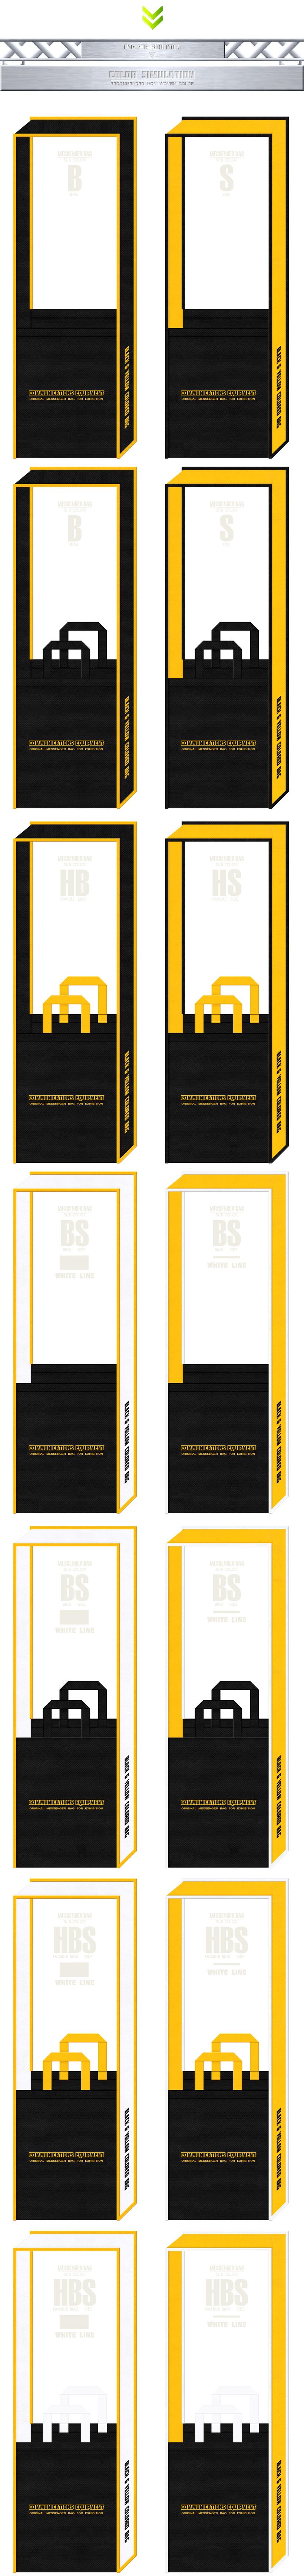 黒色と黄色をメインに使用した、不織布メッセンジャーバッグのカラーシミュレーション(保安・安全・電気自動車・通信):電気・通信機器の展示会用バッグ